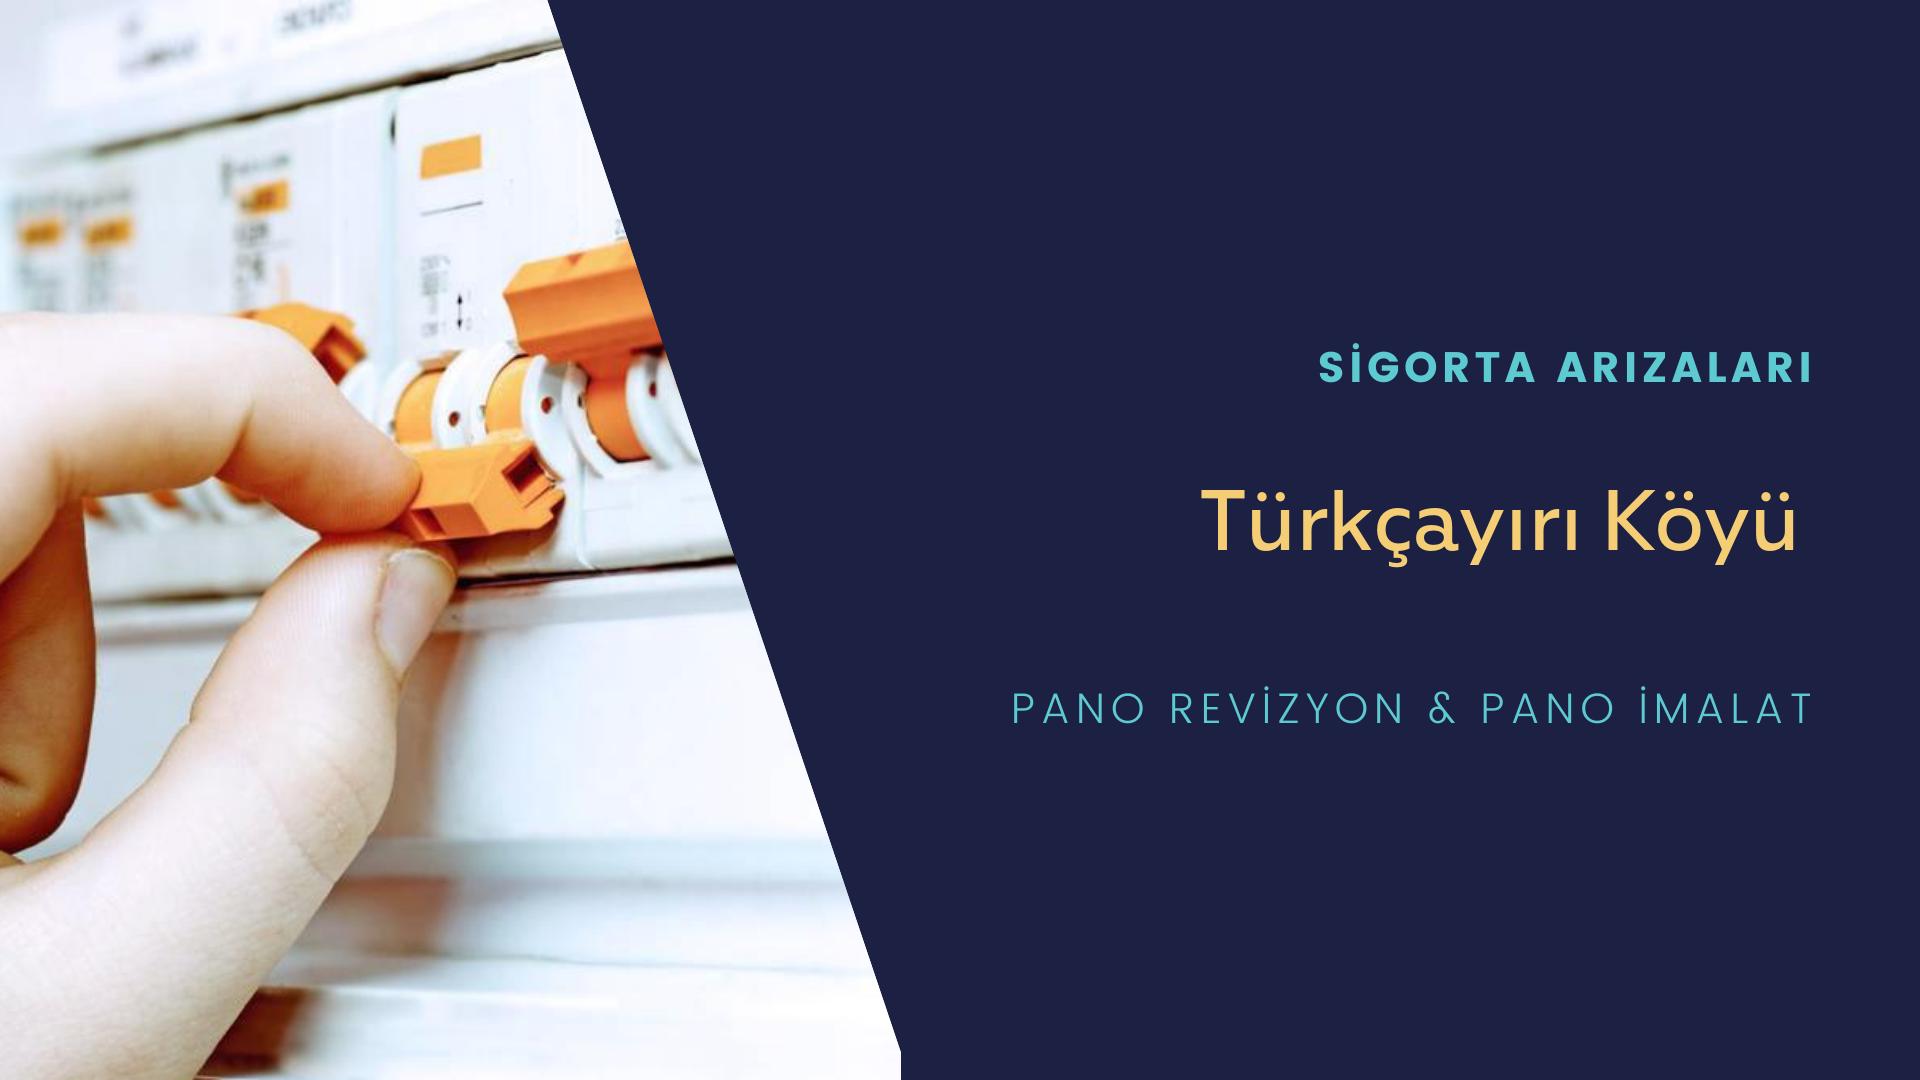 Türkçayırı Köyü Sigorta Arızaları İçin Profesyonel Elektrikçi ustalarımızı dilediğiniz zaman arayabilir talepte bulunabilirsiniz.